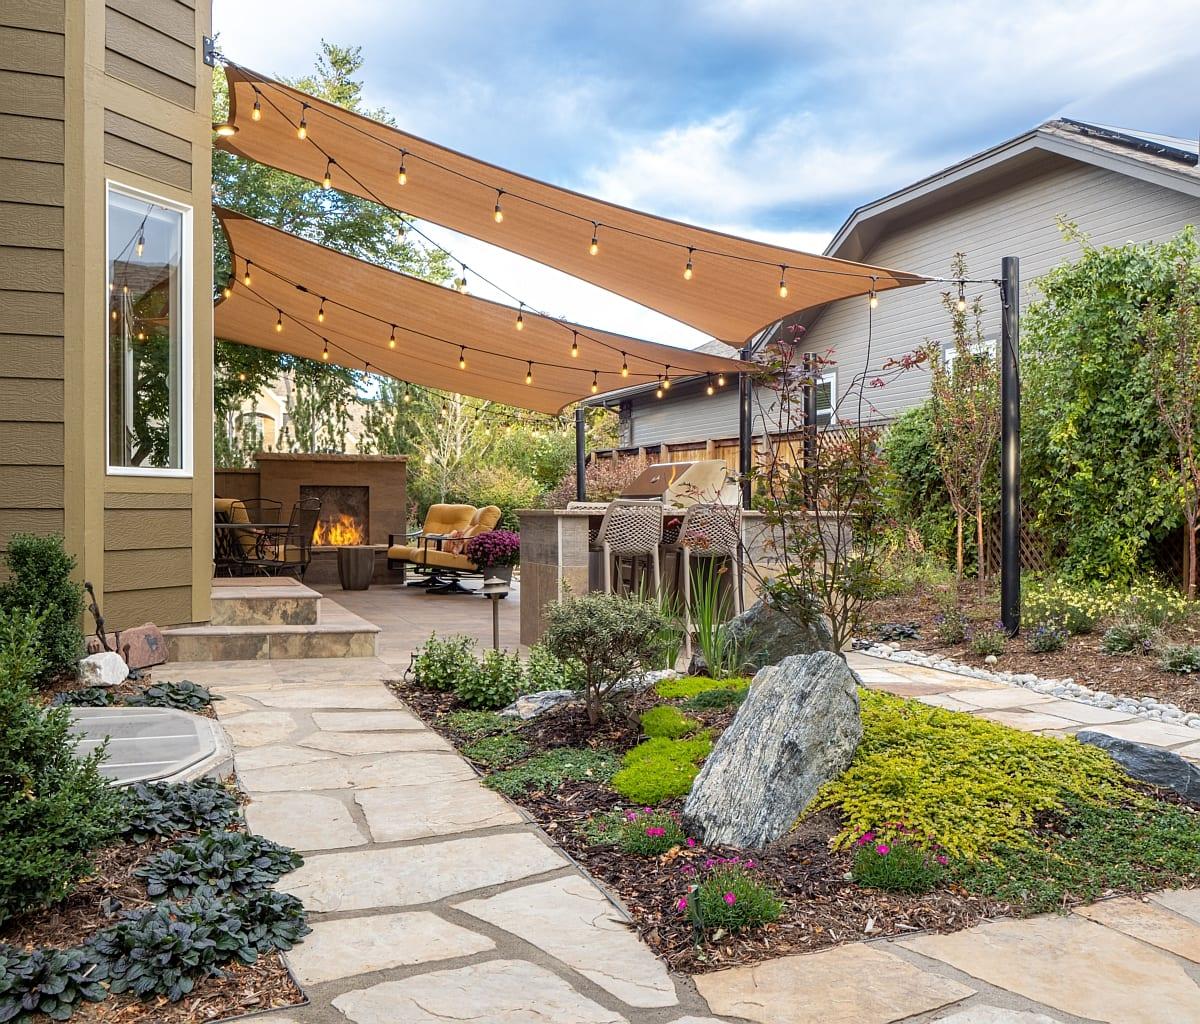 Rock garden shade sails outdoor kitchen